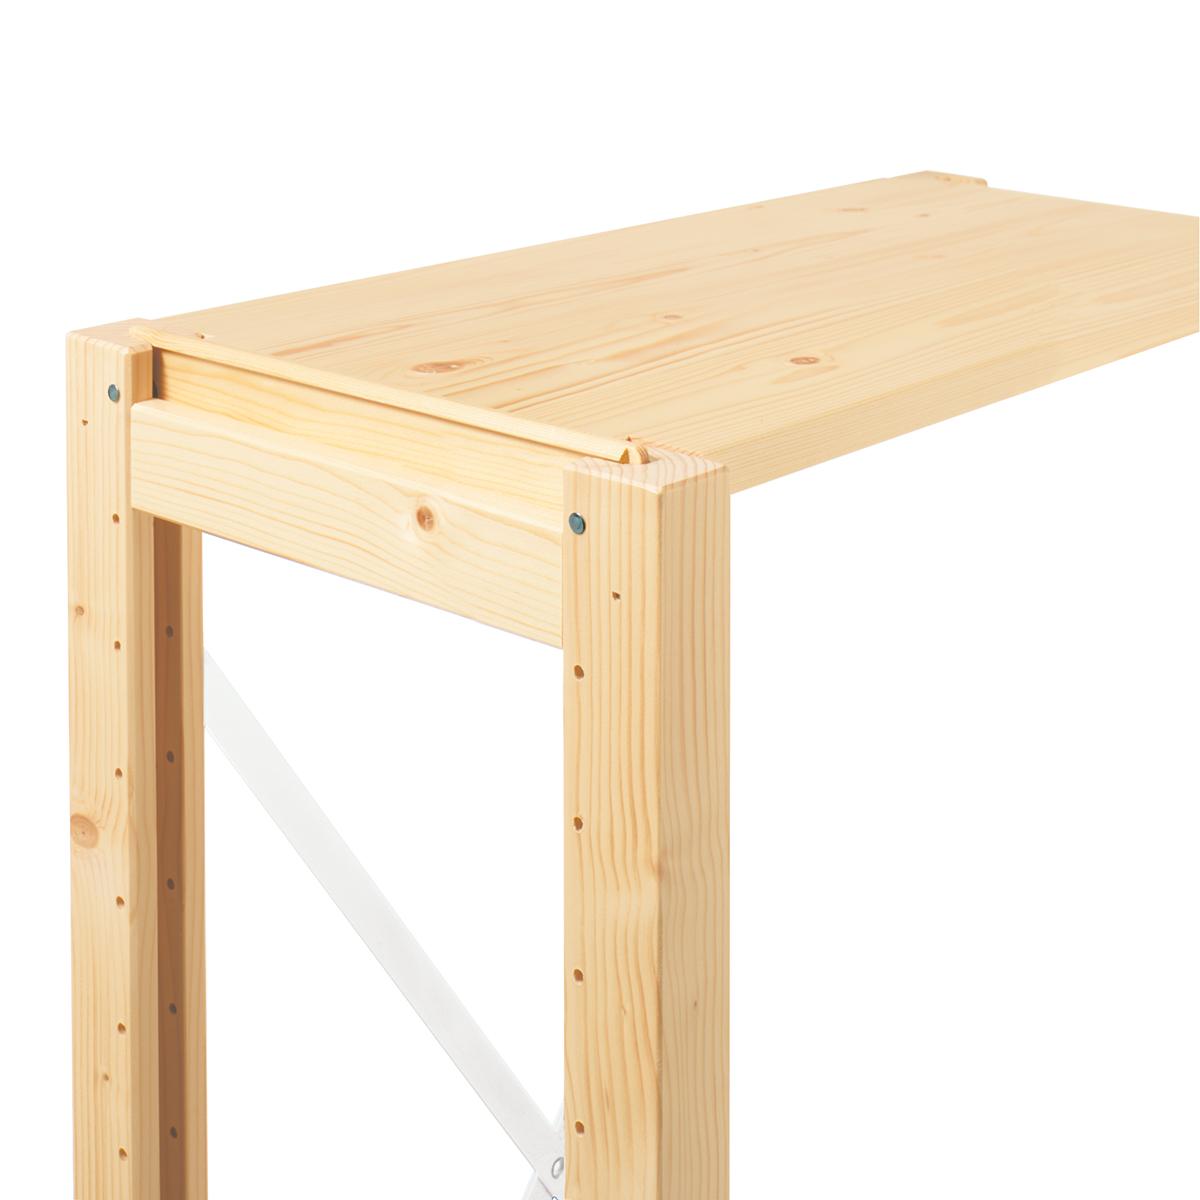 Upright/Shelf Cap